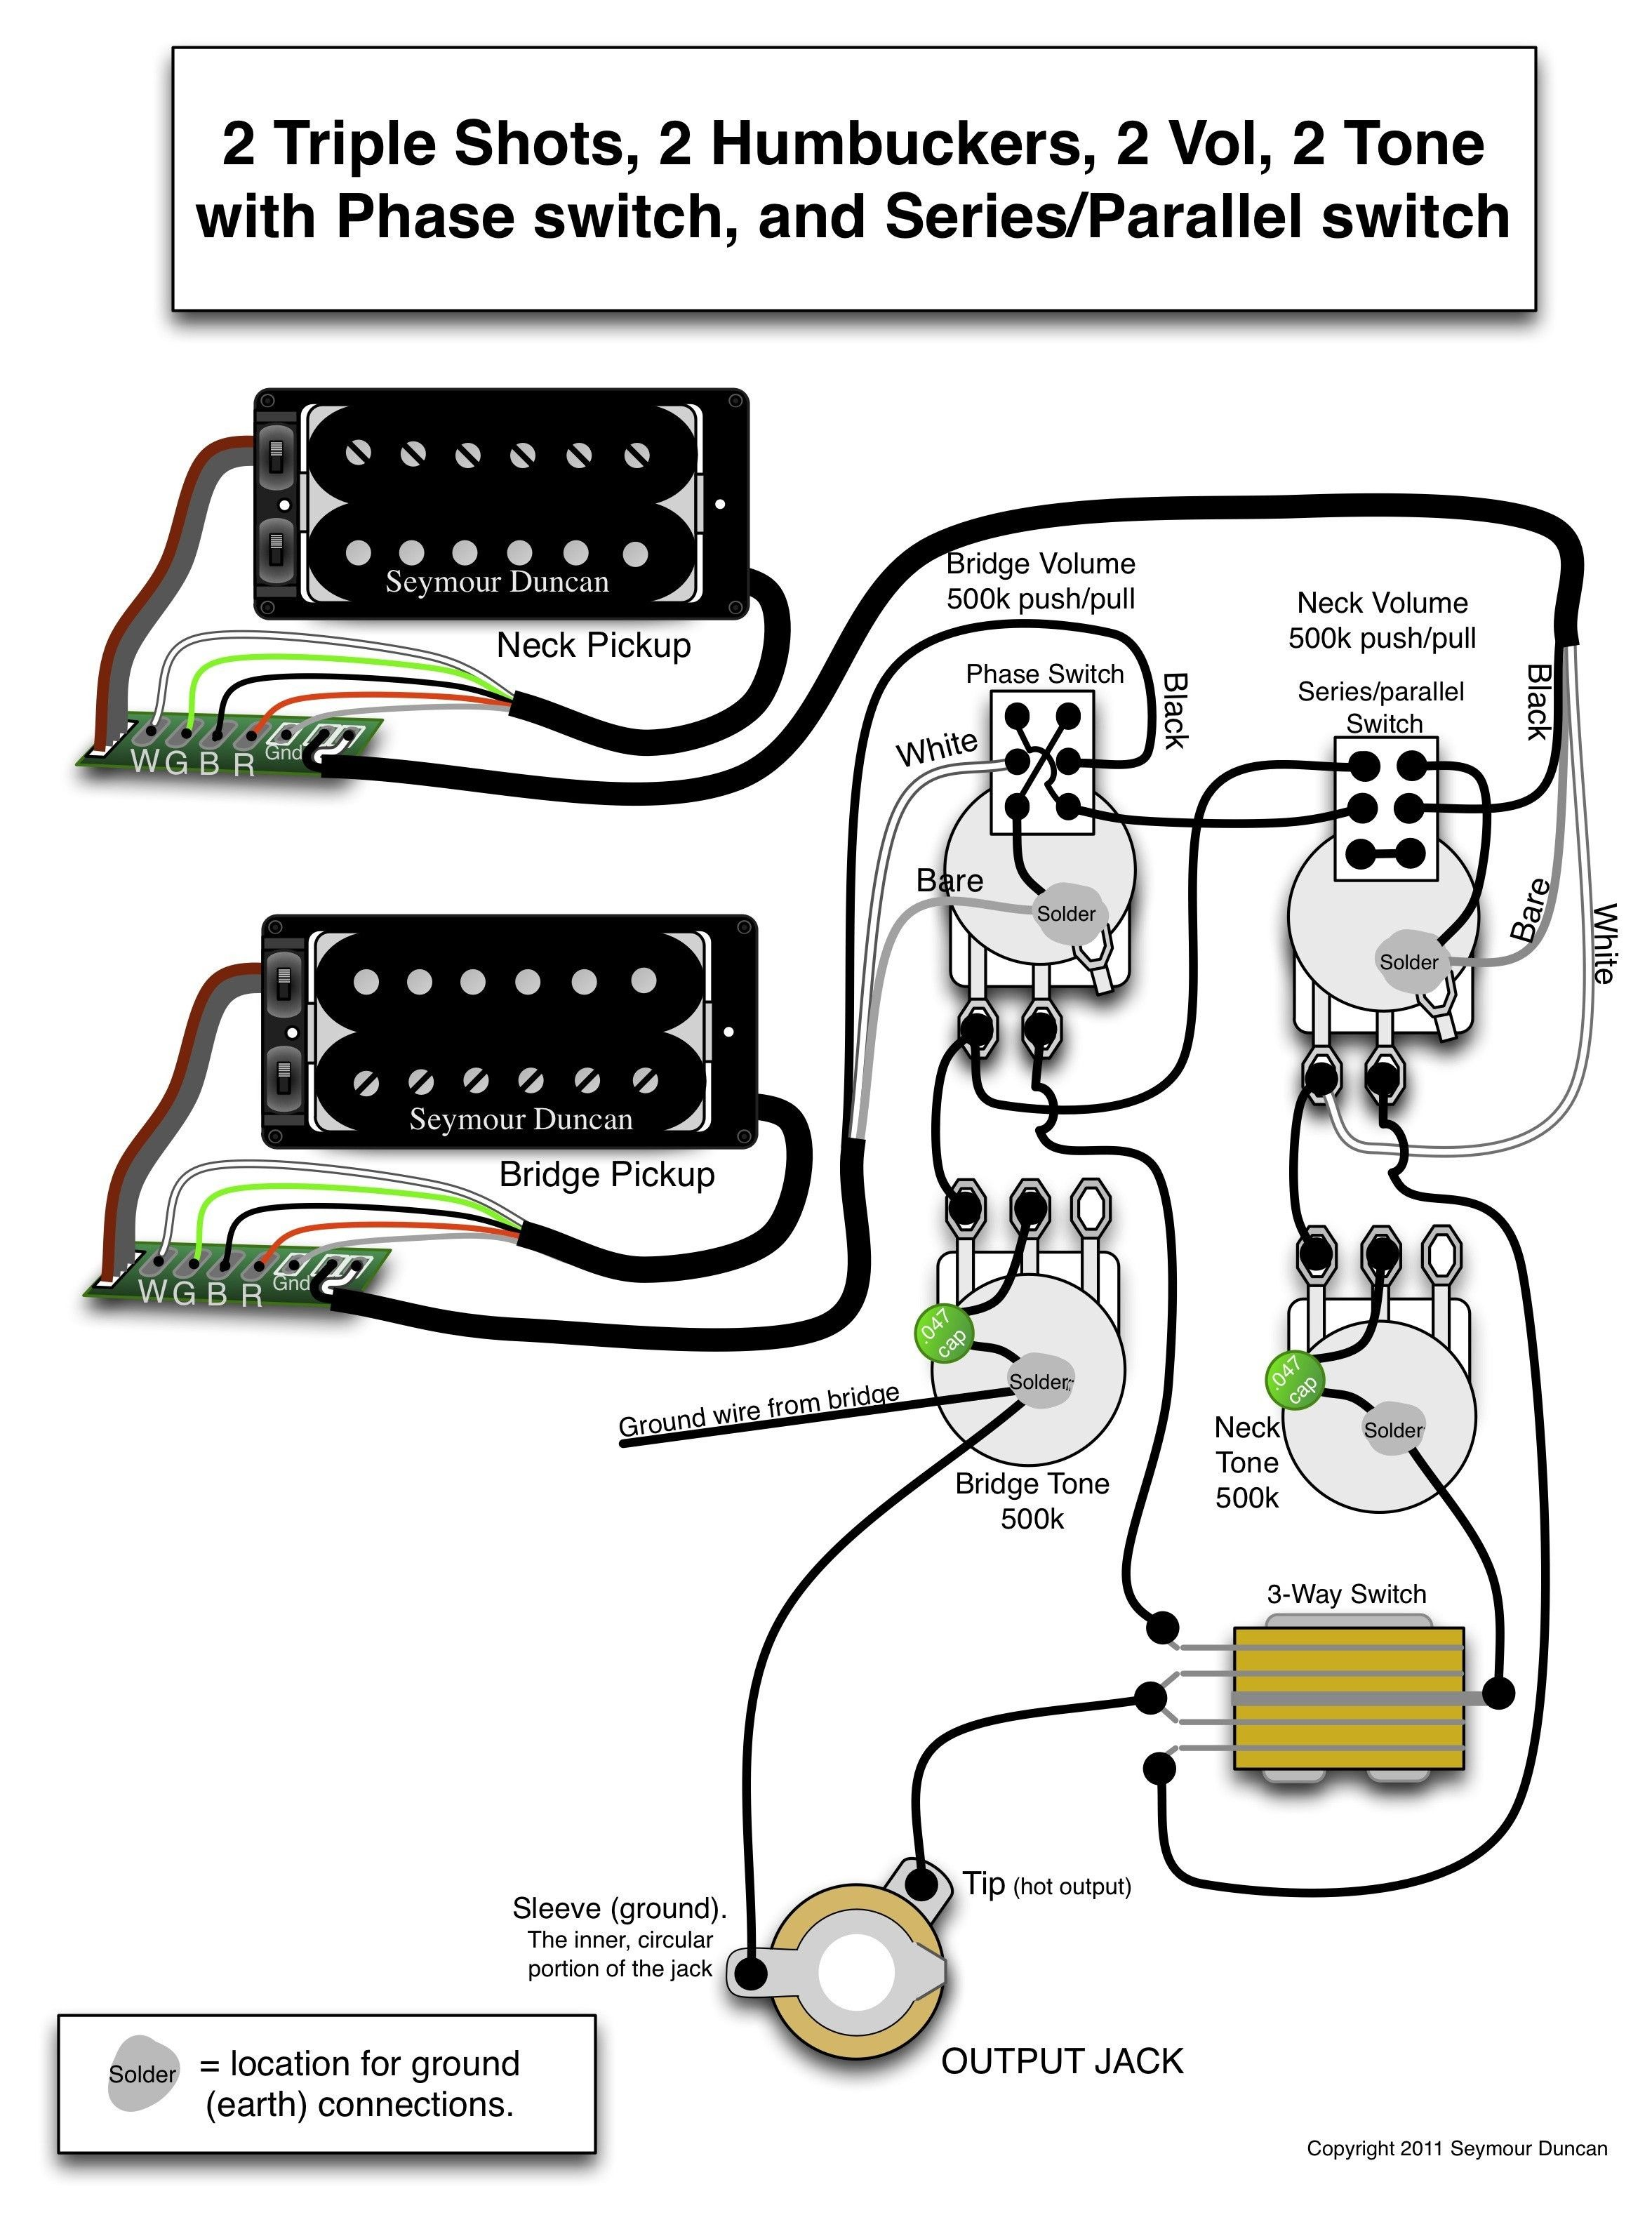 New Wiring Diagram For Epiphone Les Paul Custom  Diagram  Diagramsample  Diagramtemplate